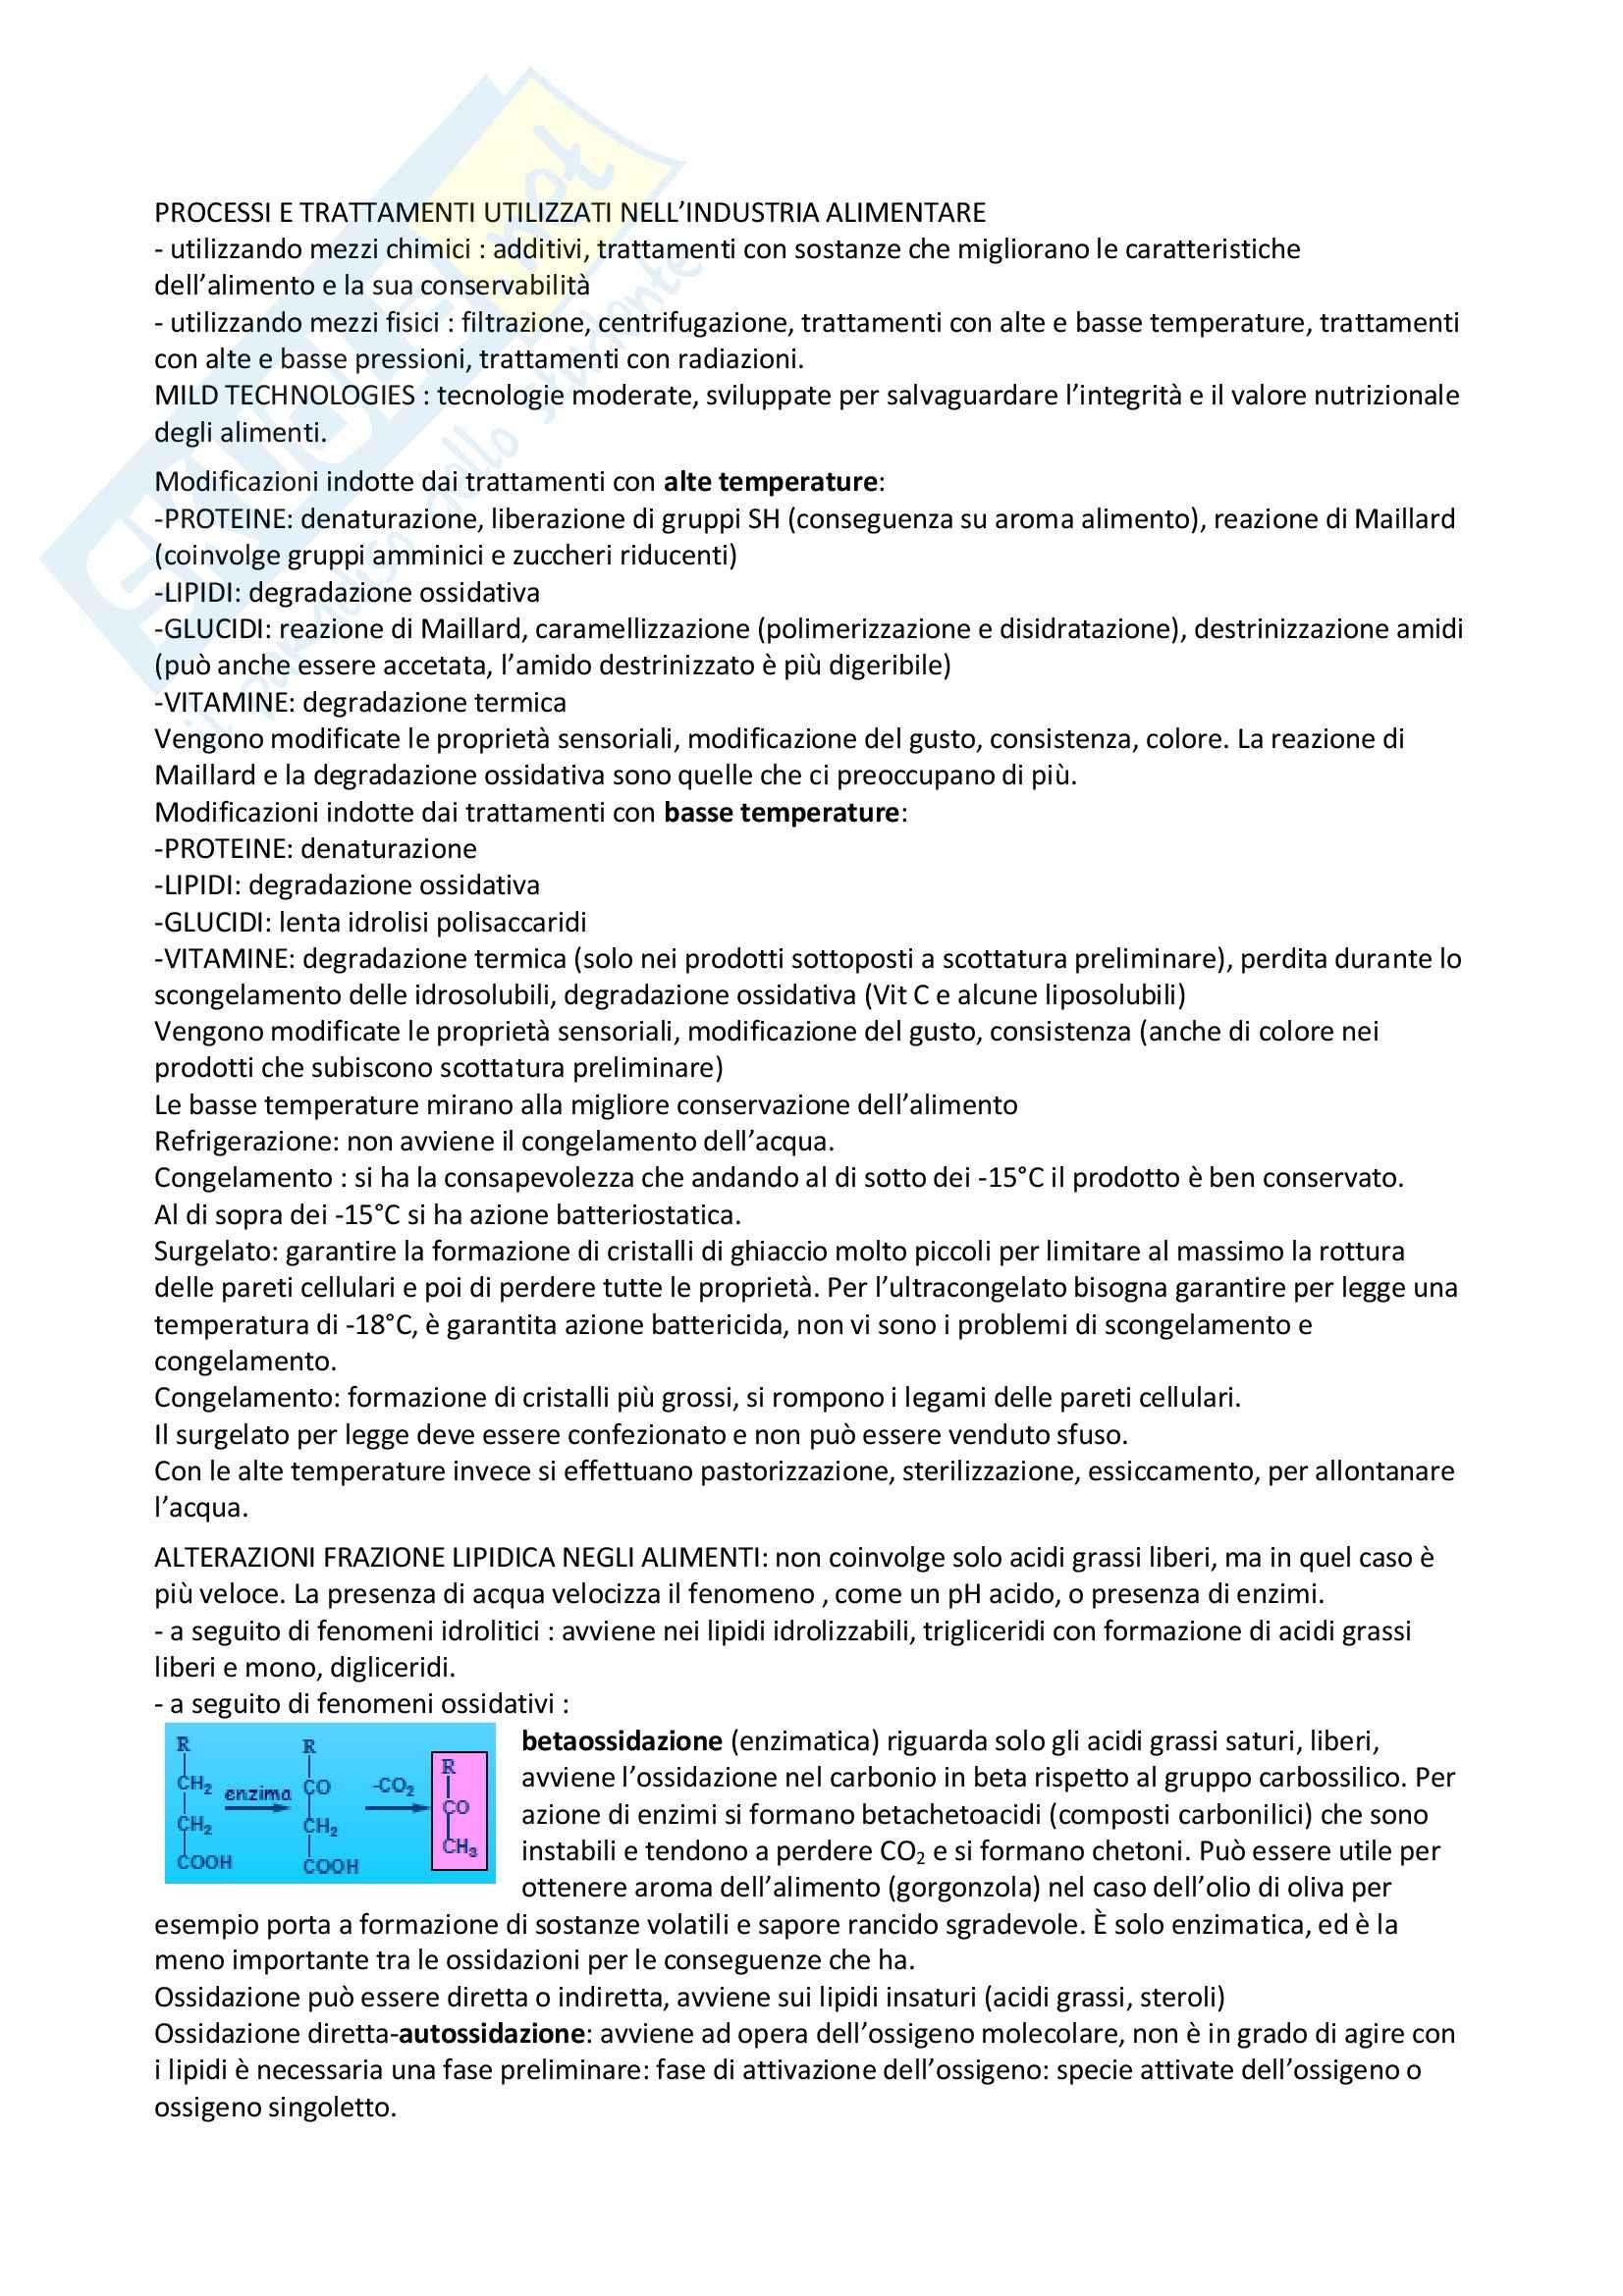 Chimica degli alimenti - processi industria alimentare